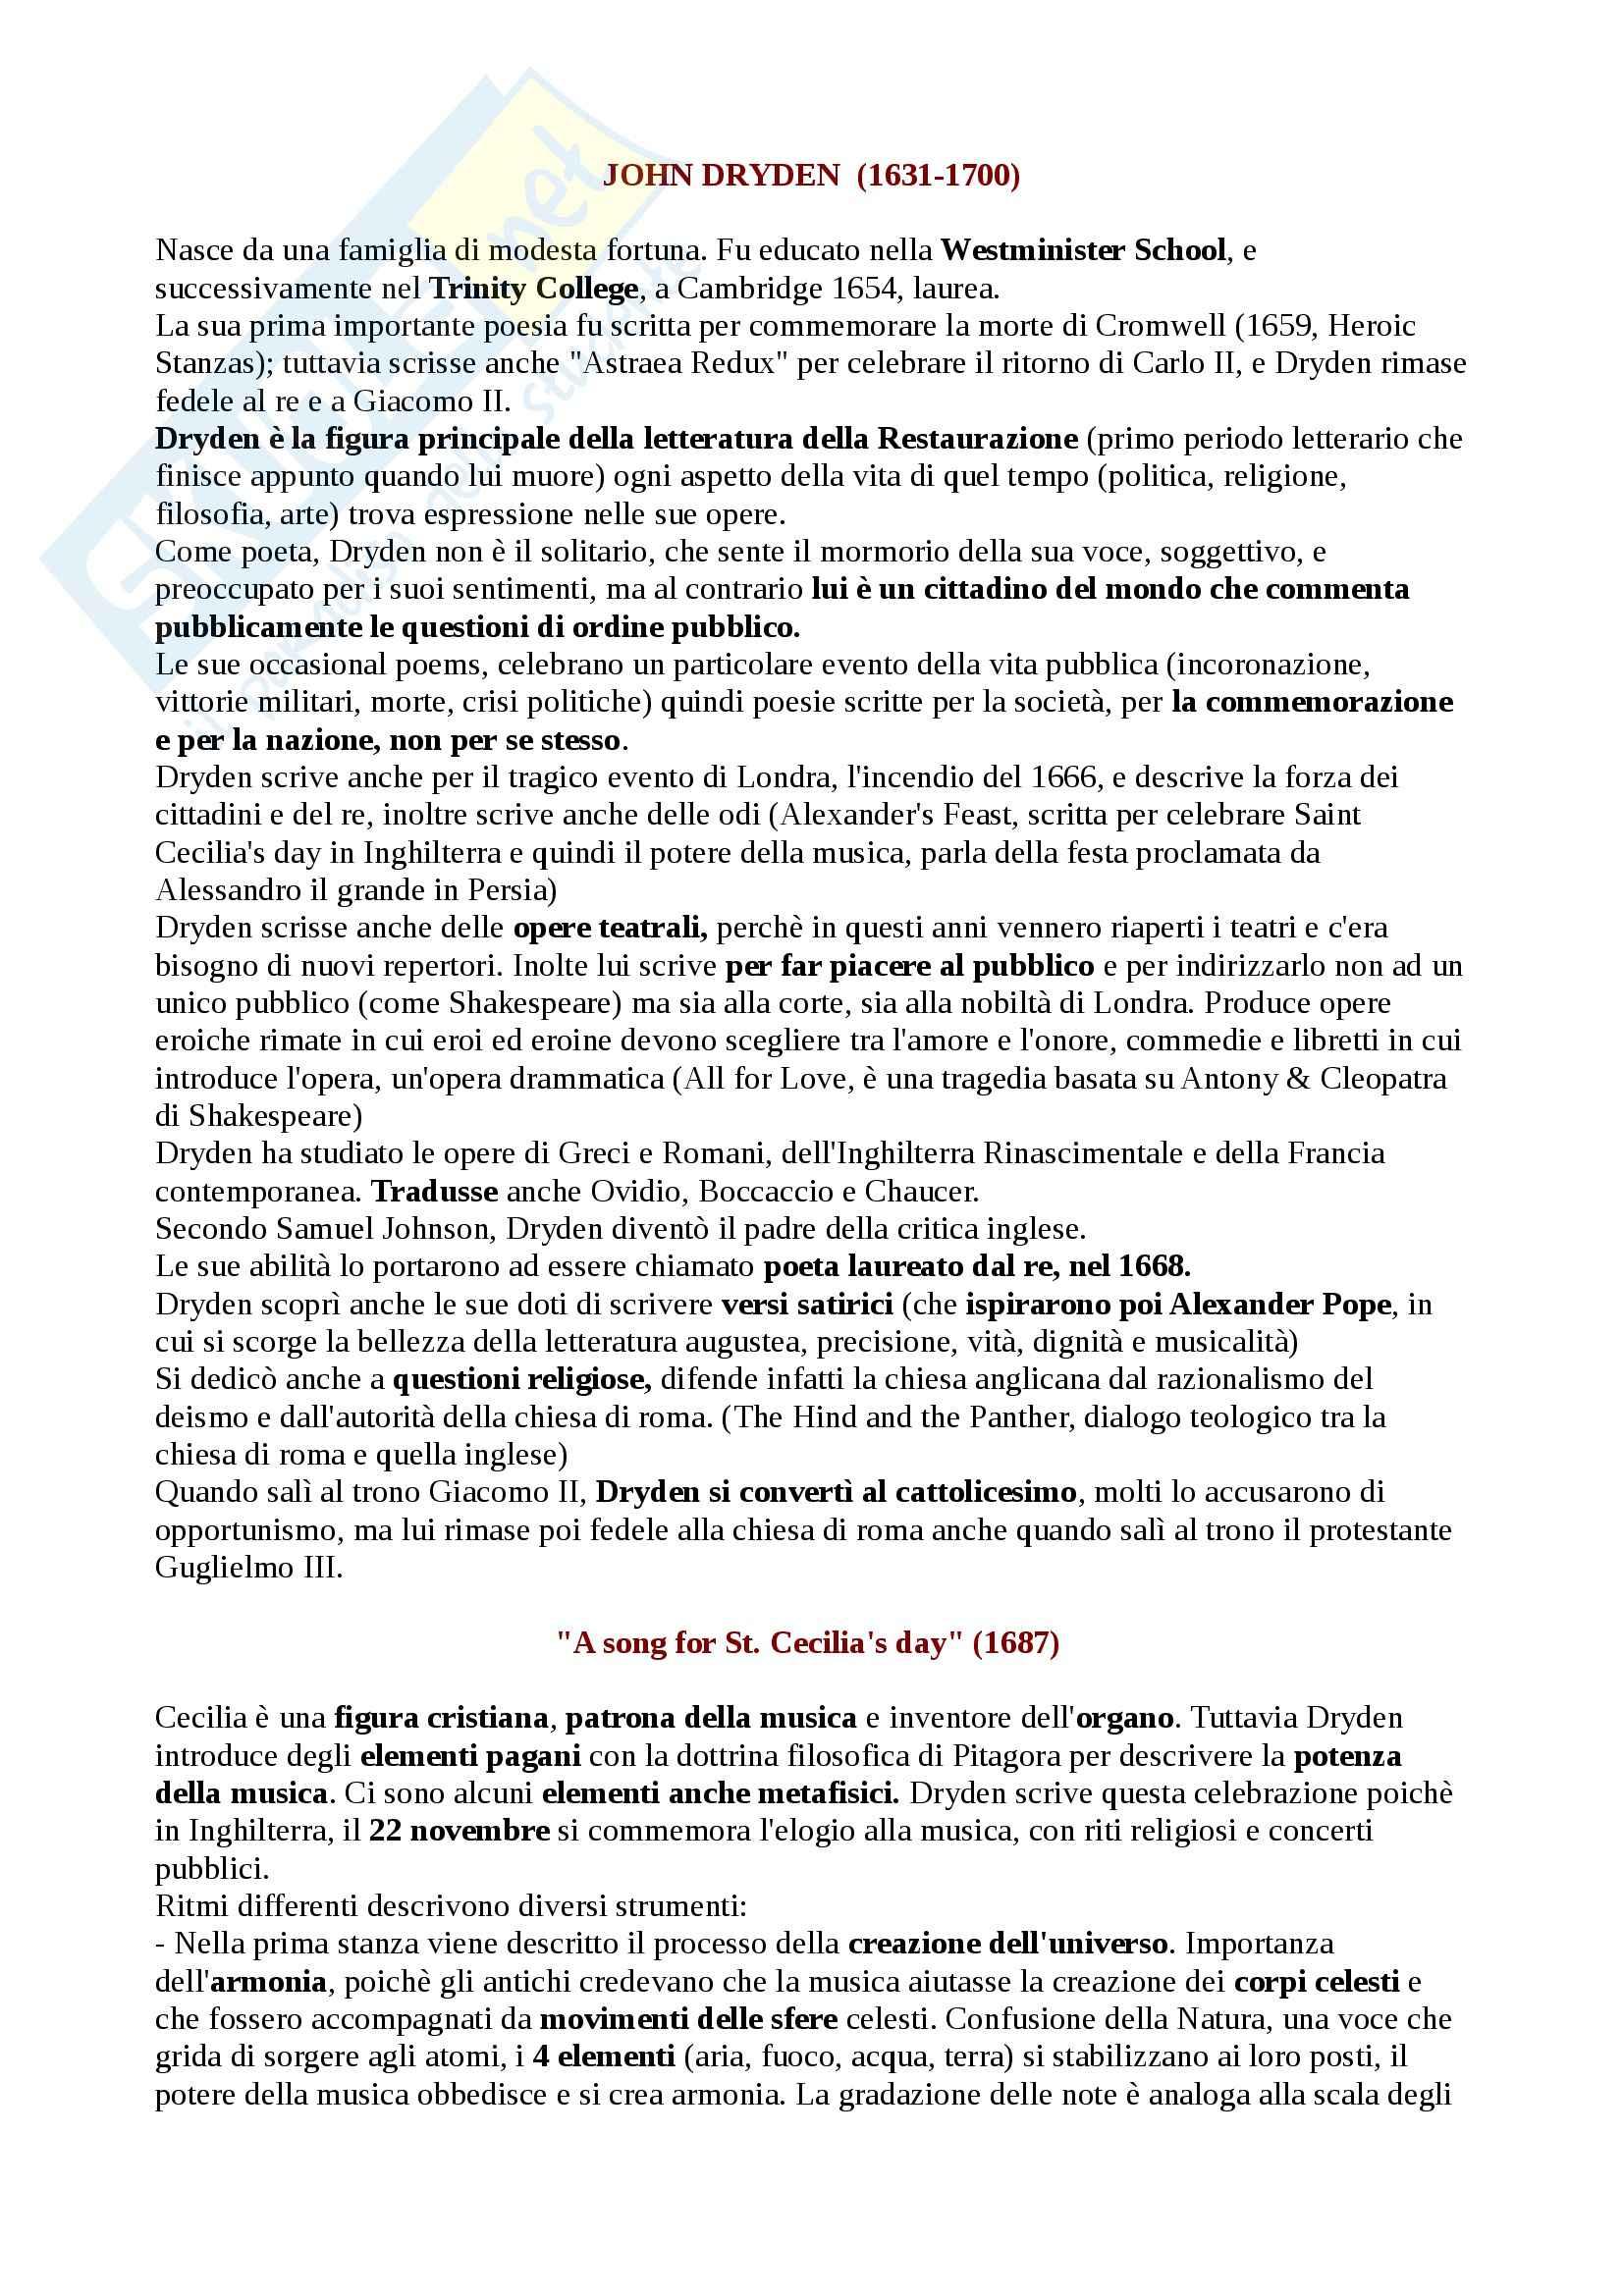 Letteratura Inglese 2 - Appunti